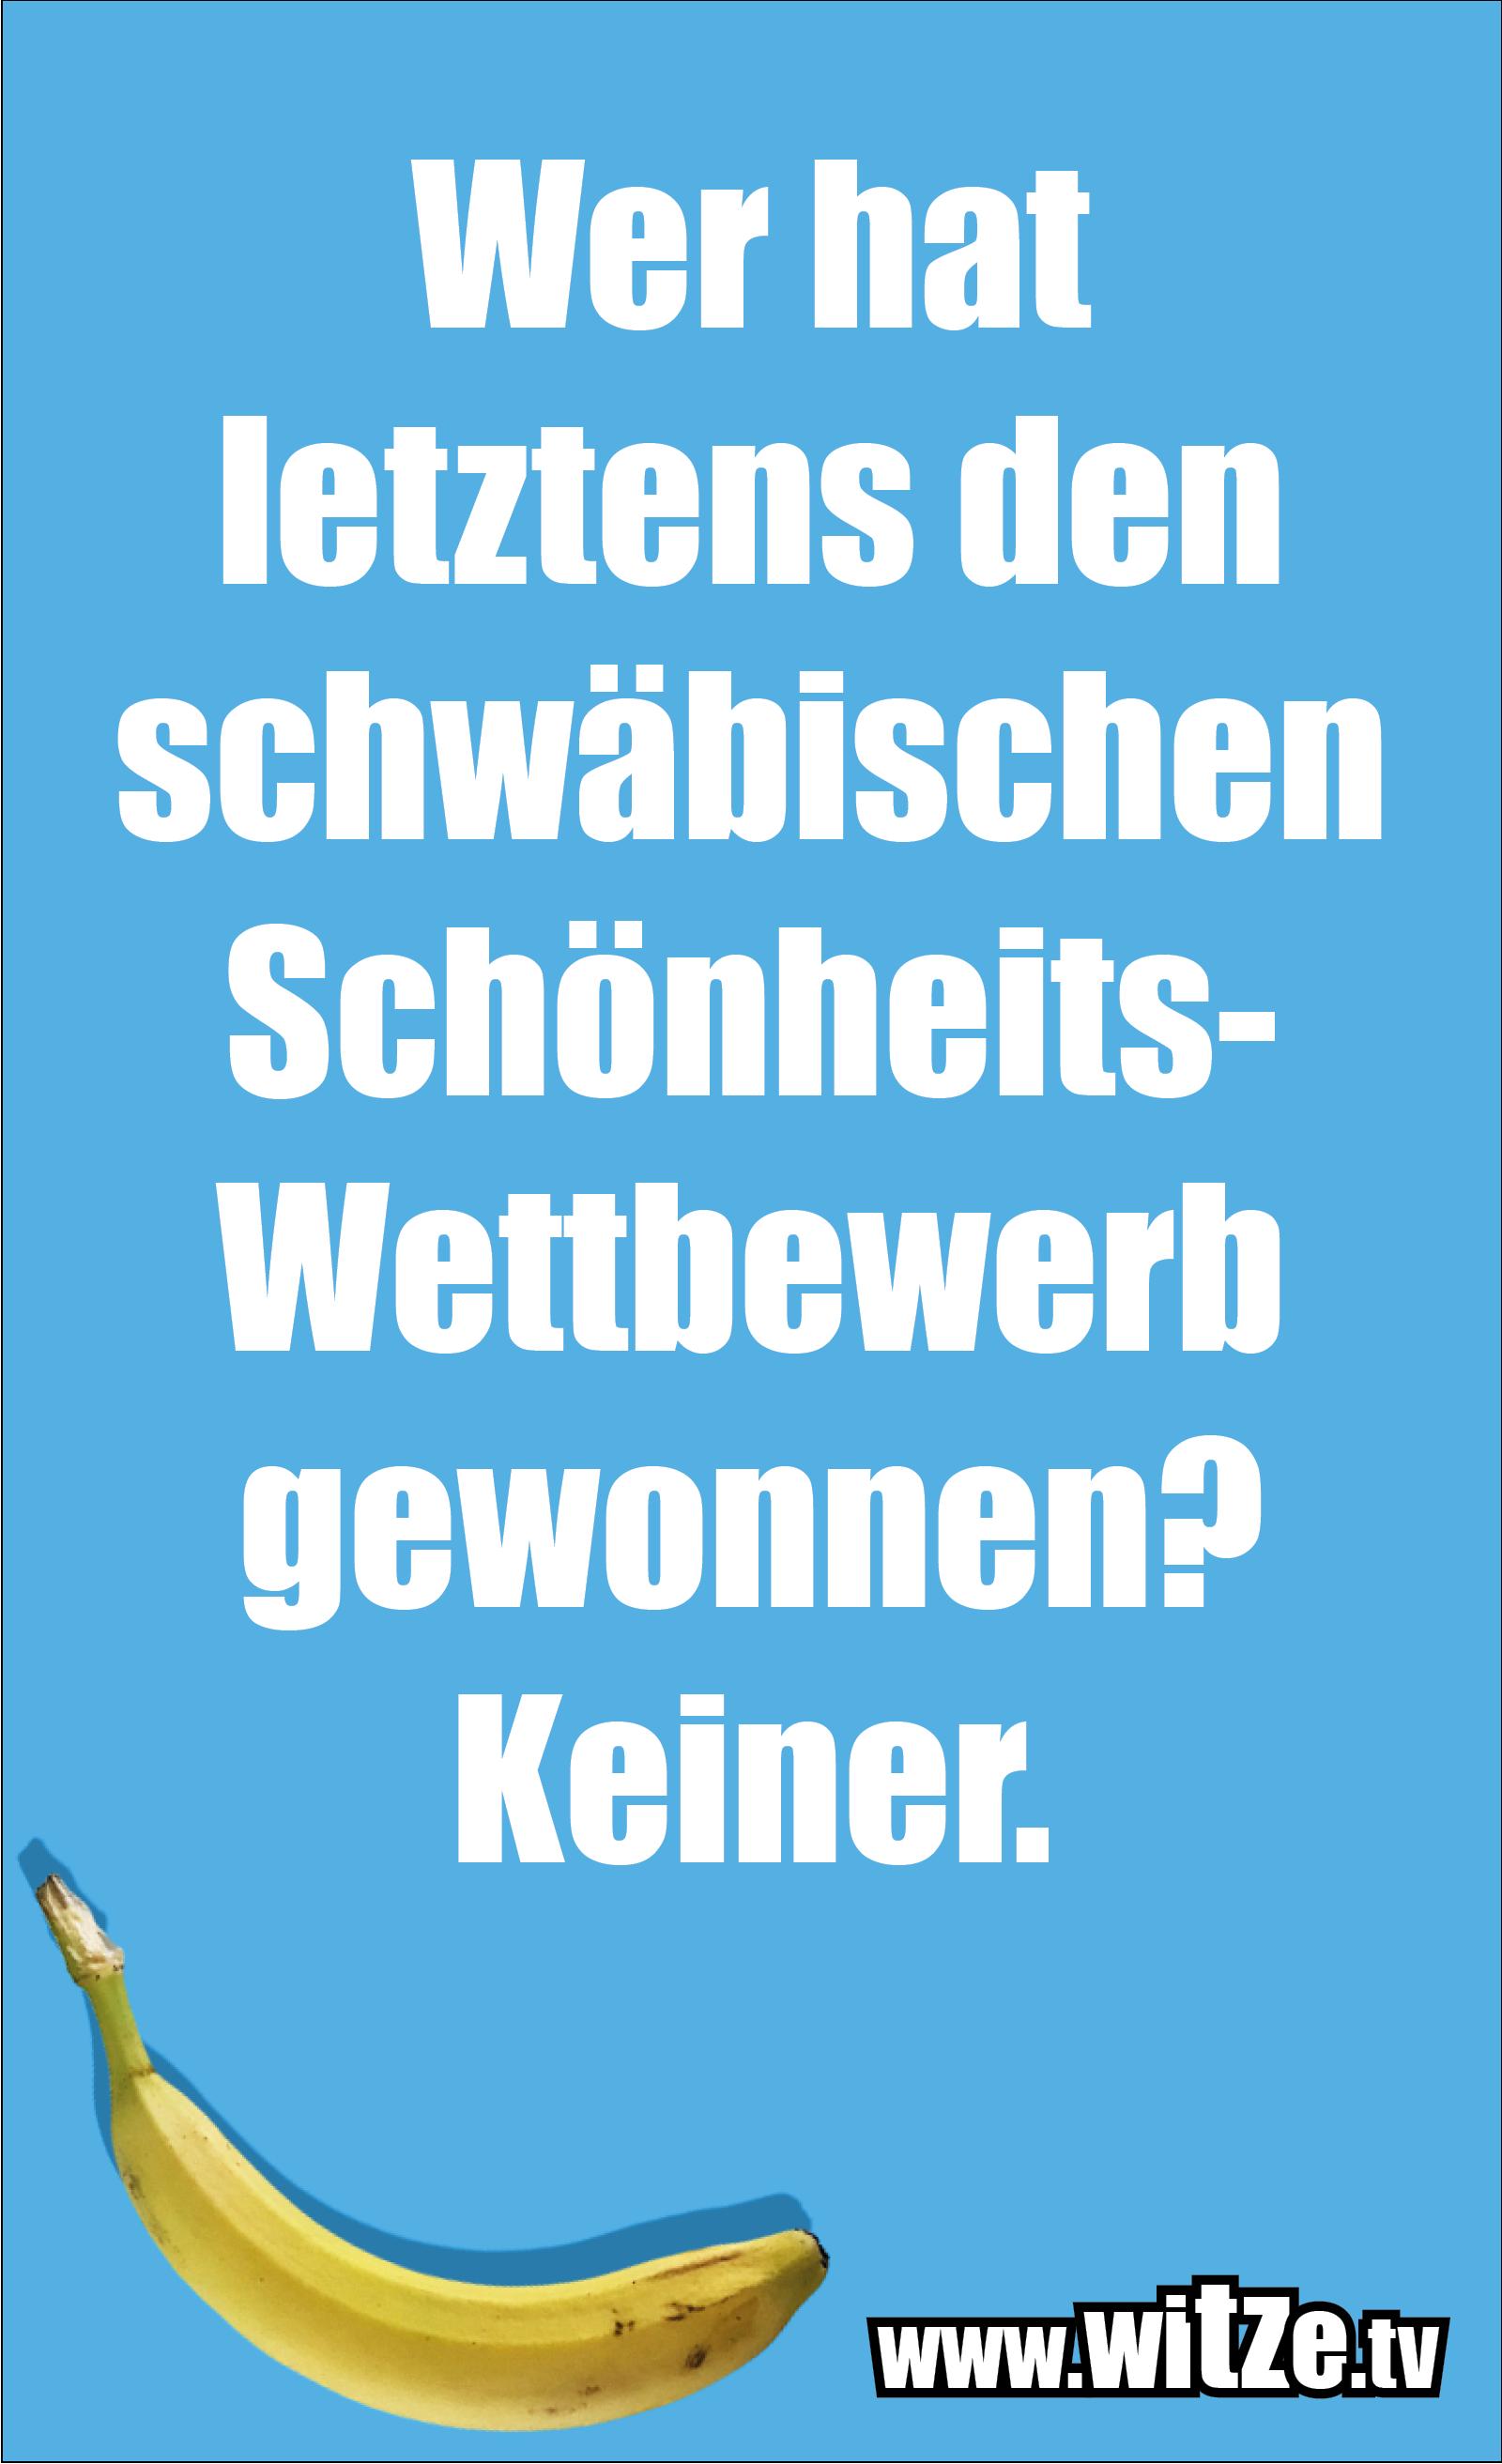 Schwaben Witz… Wer hat letztens den schwäbischen Schönheits-Wettbewerb gewonnen? Keiner.